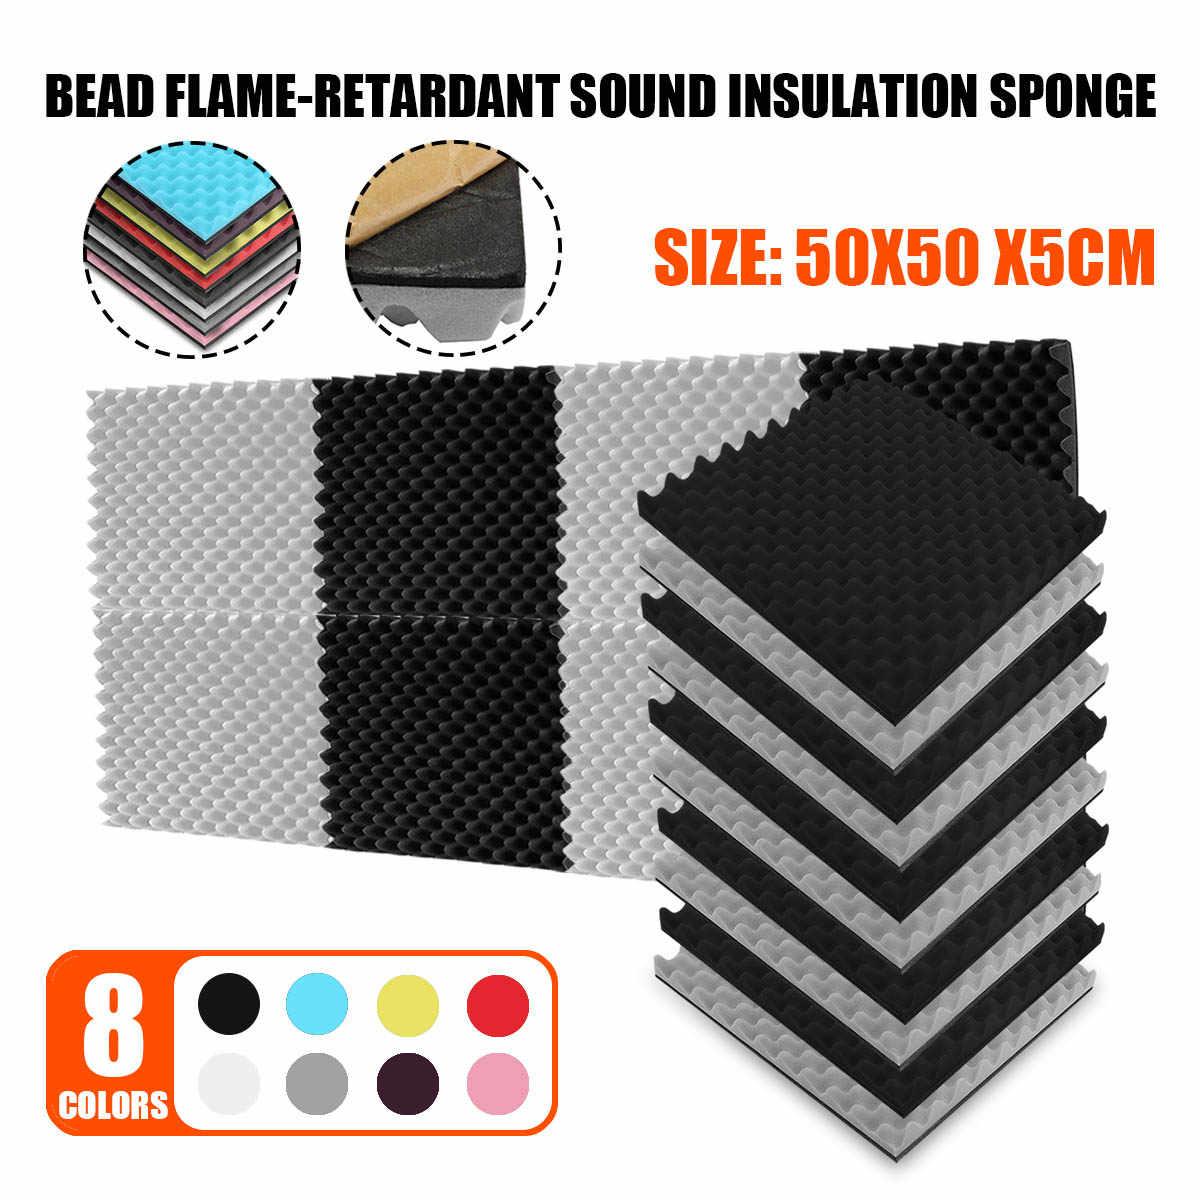 8 ألوان 500x500x50 مللي متر عازلة للصوت رغوة البيض الشخصي الصوت ماصة رغوة الصوتية لوحة امتصاص الضوضاء ملف لغرفة الصوت KTV